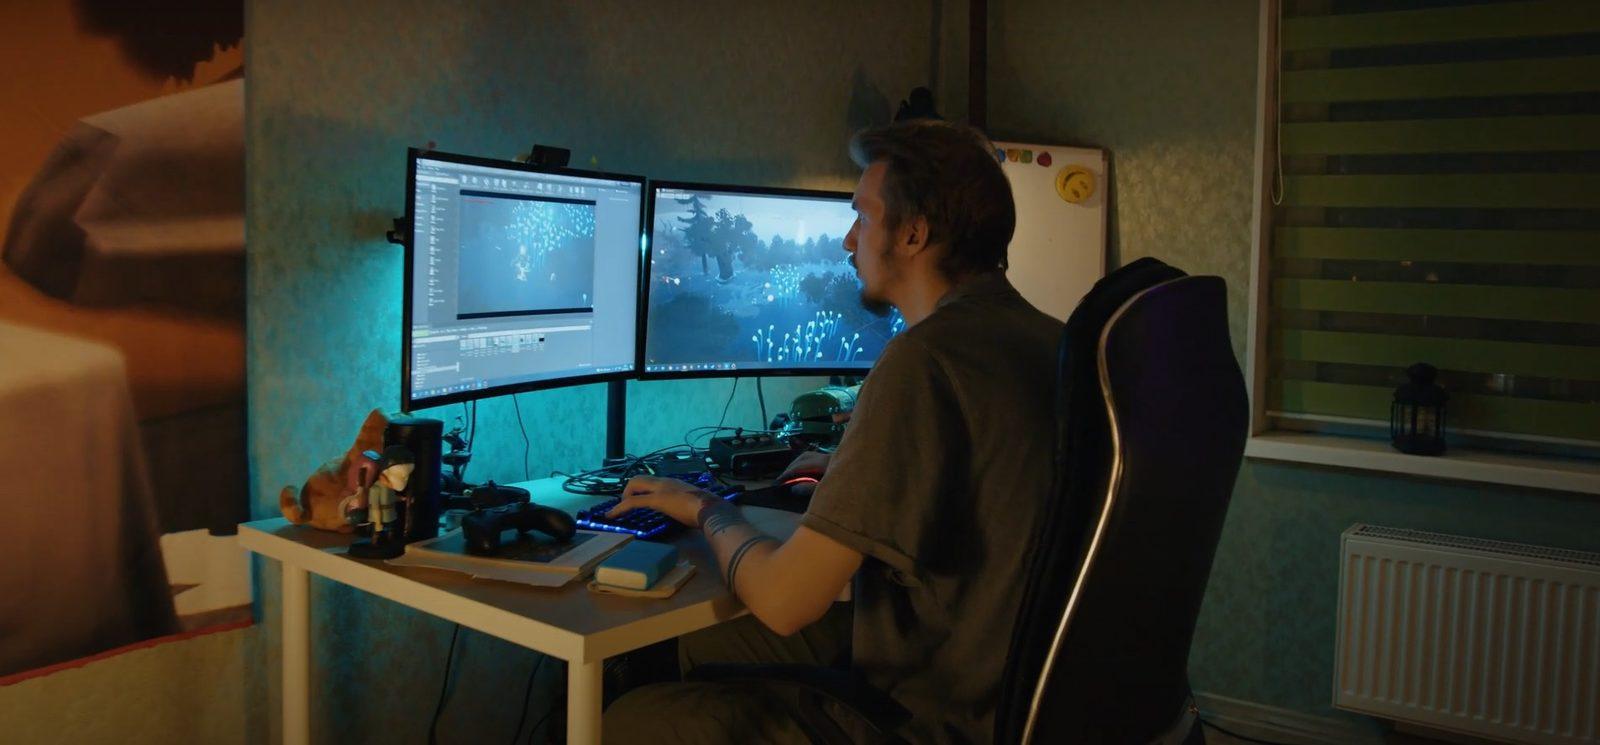 В сети состоялась премьера документального веб-сериала «Вы из будущего 2»